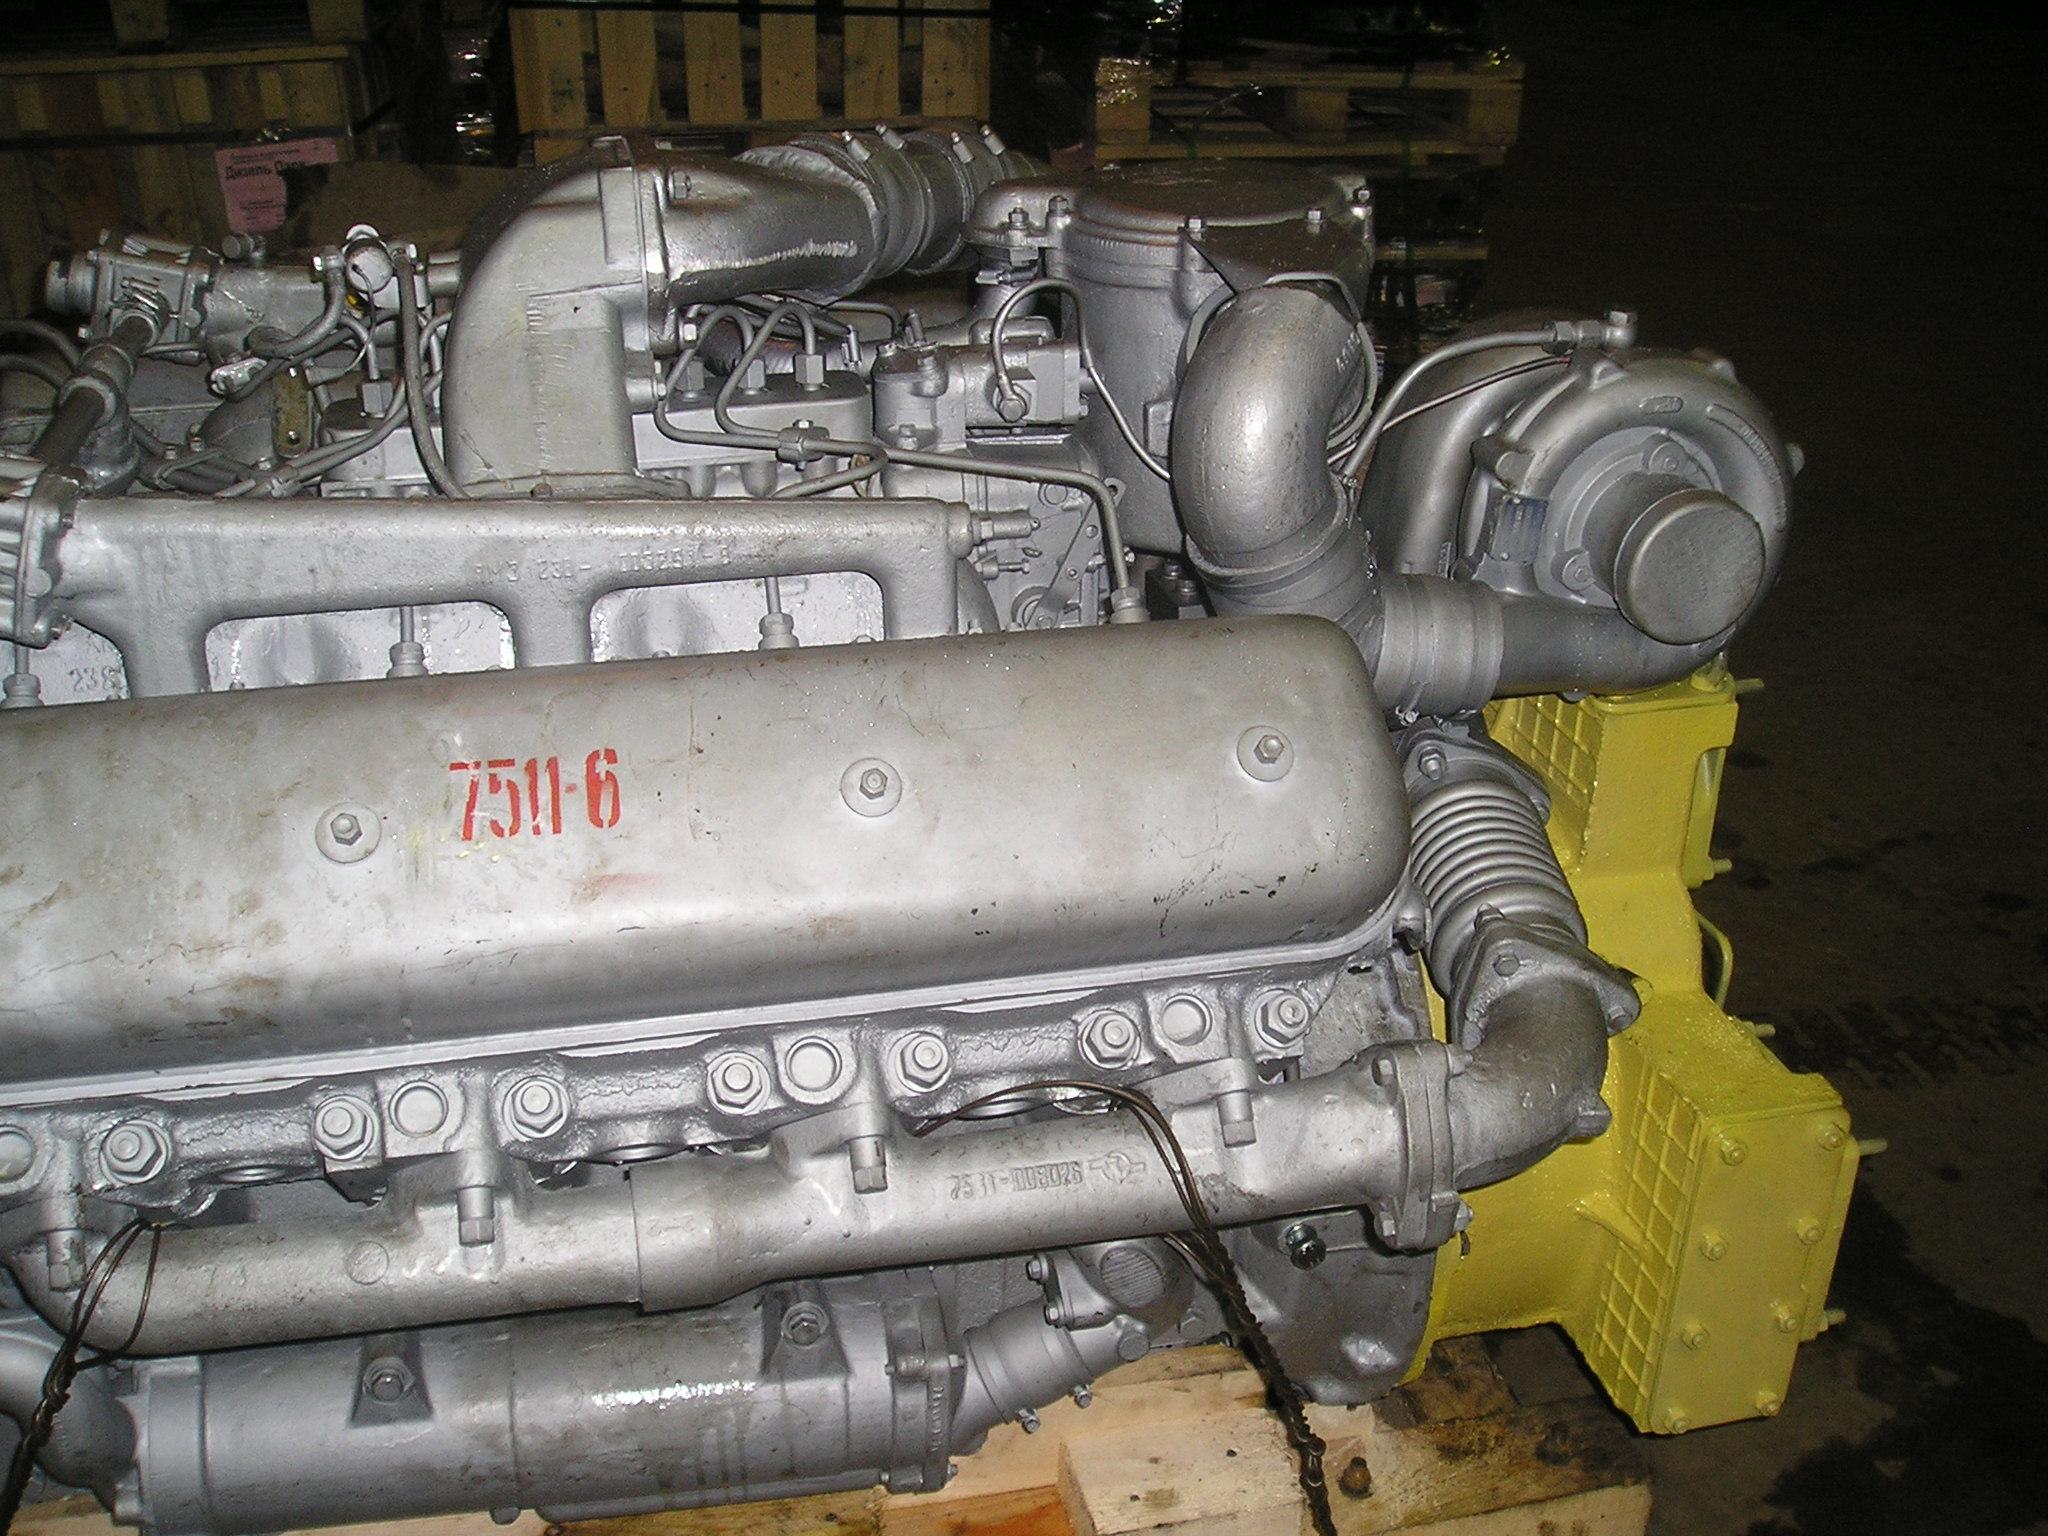 инструкция по ремонту двигателя ямз-75-11